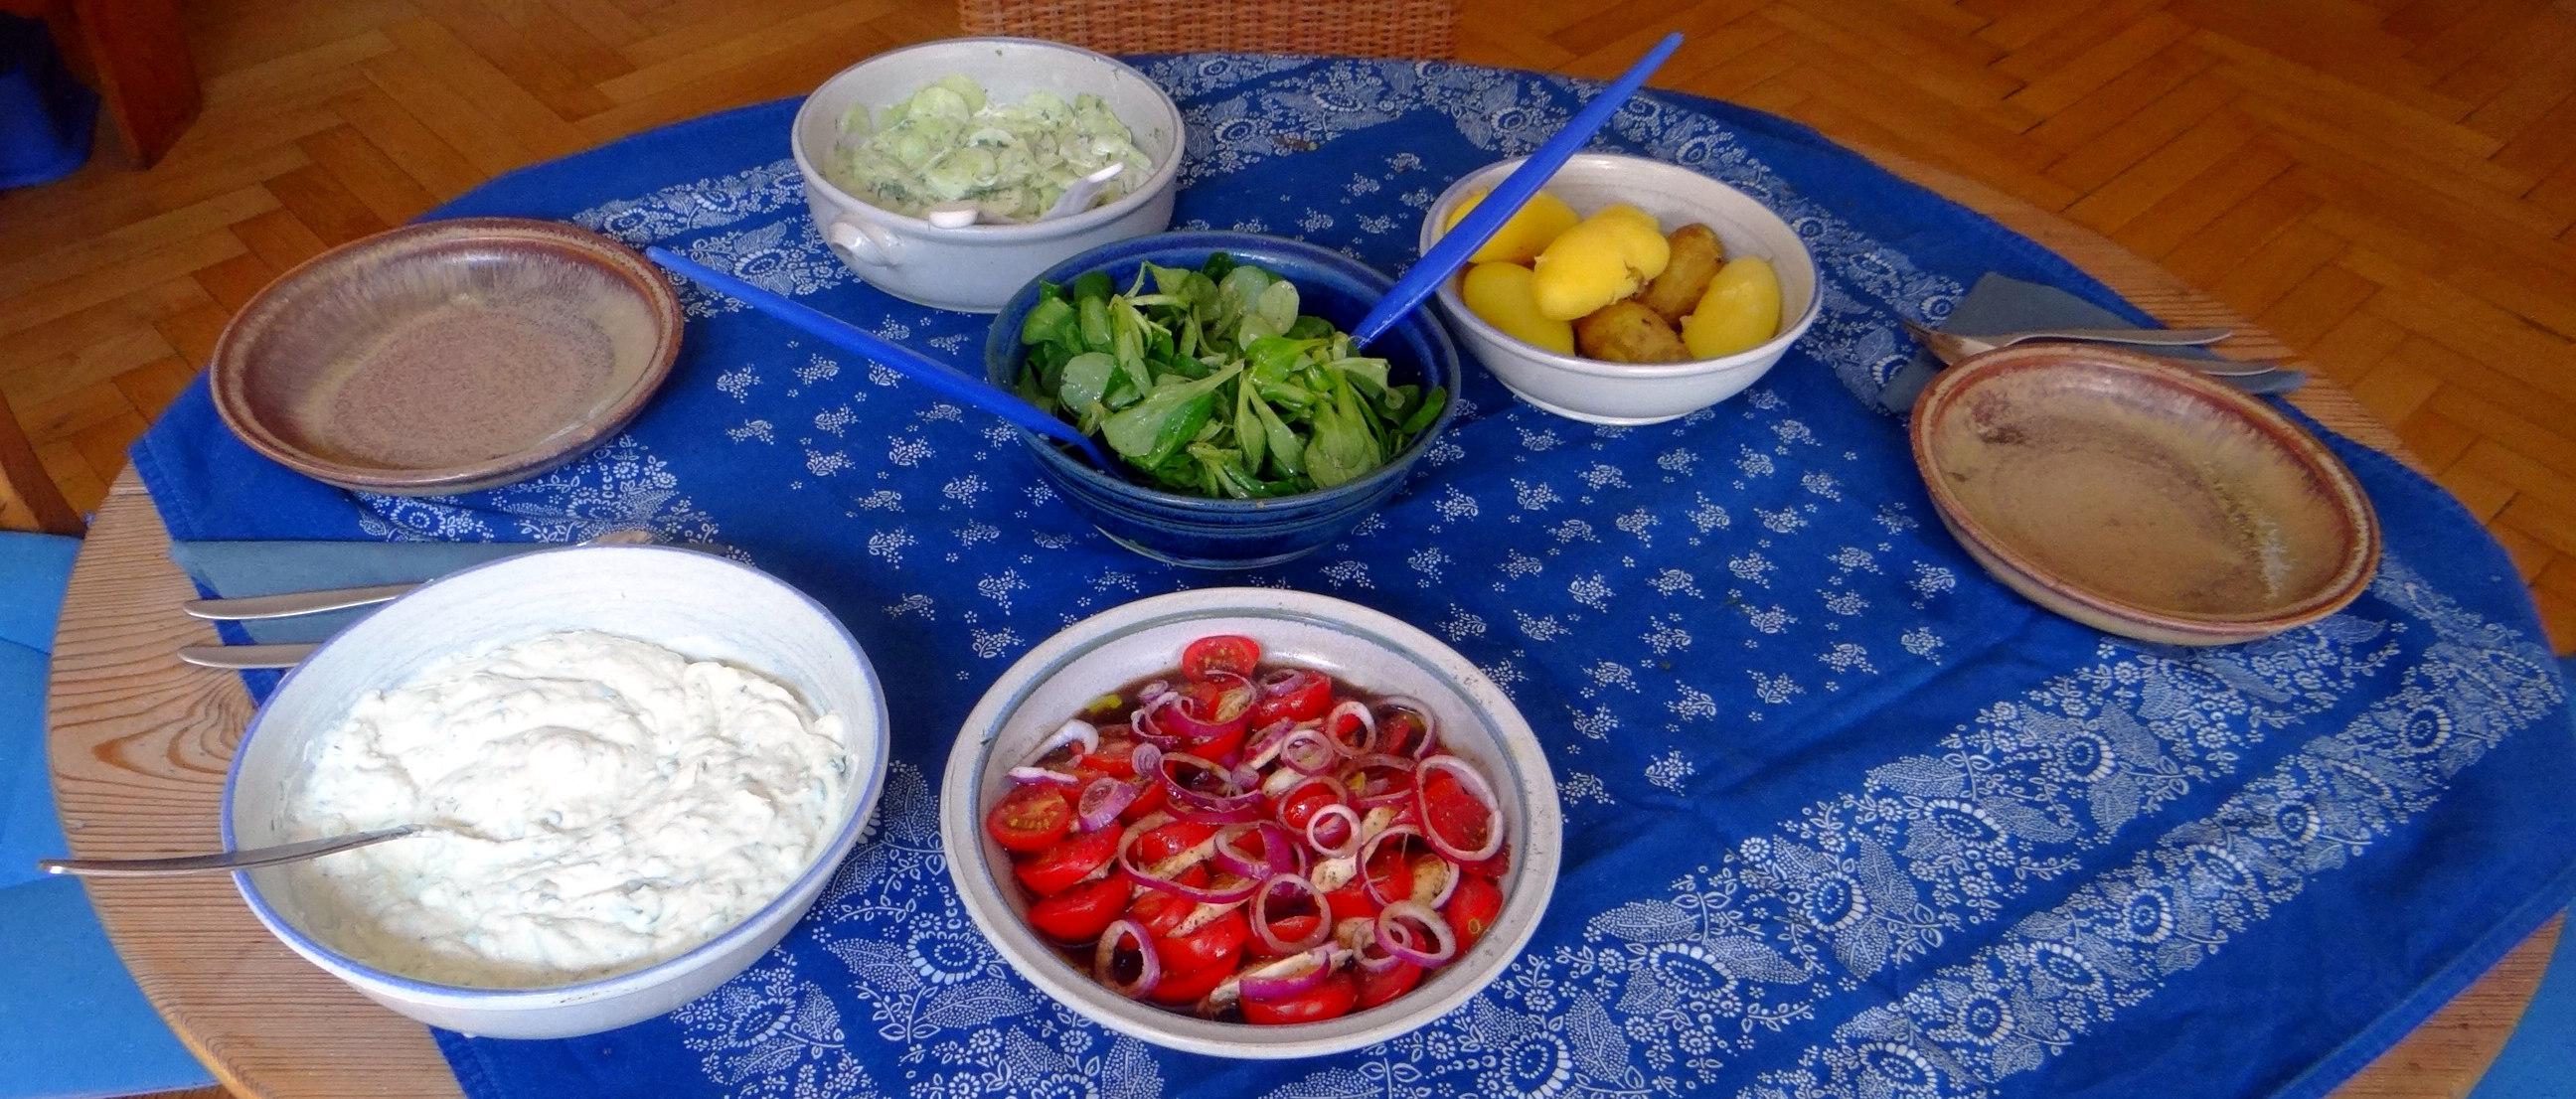 Quark,Salate,Pellkartoffeln,O